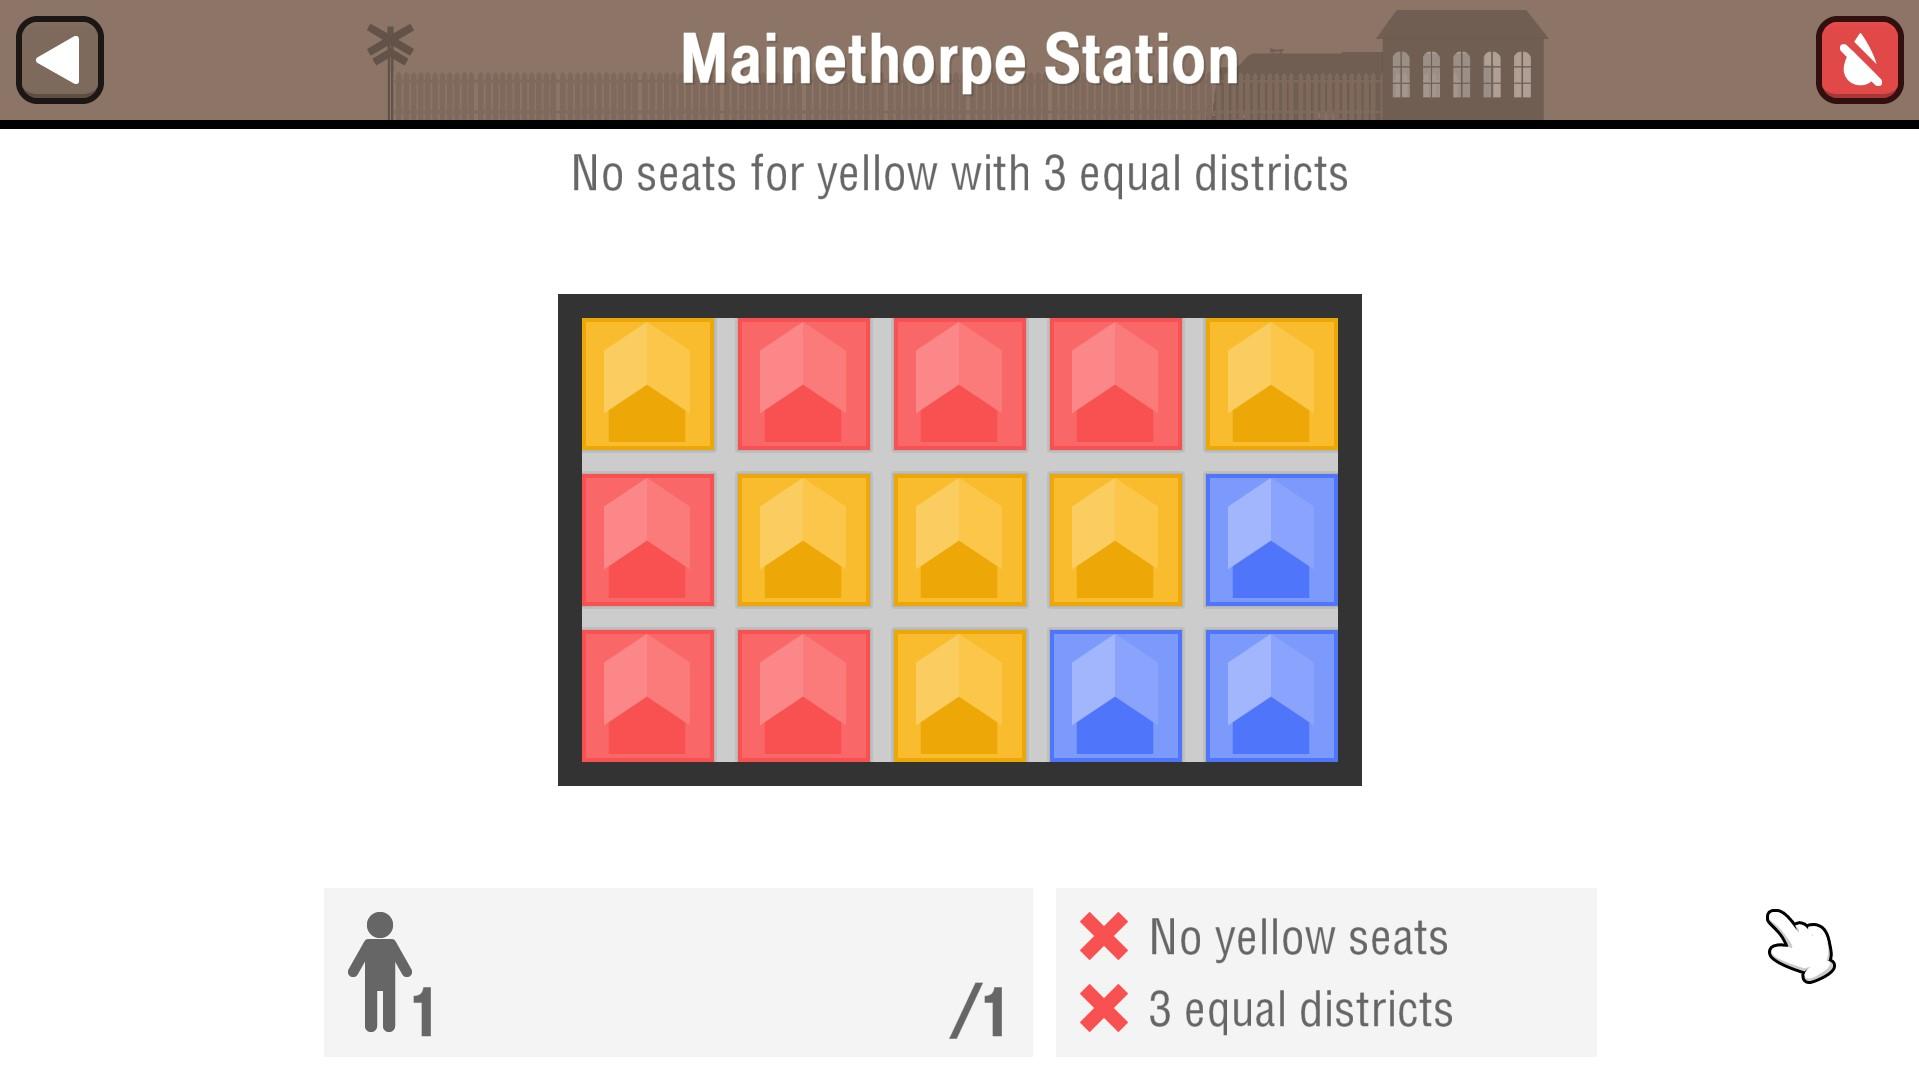 Mainethorpe Station